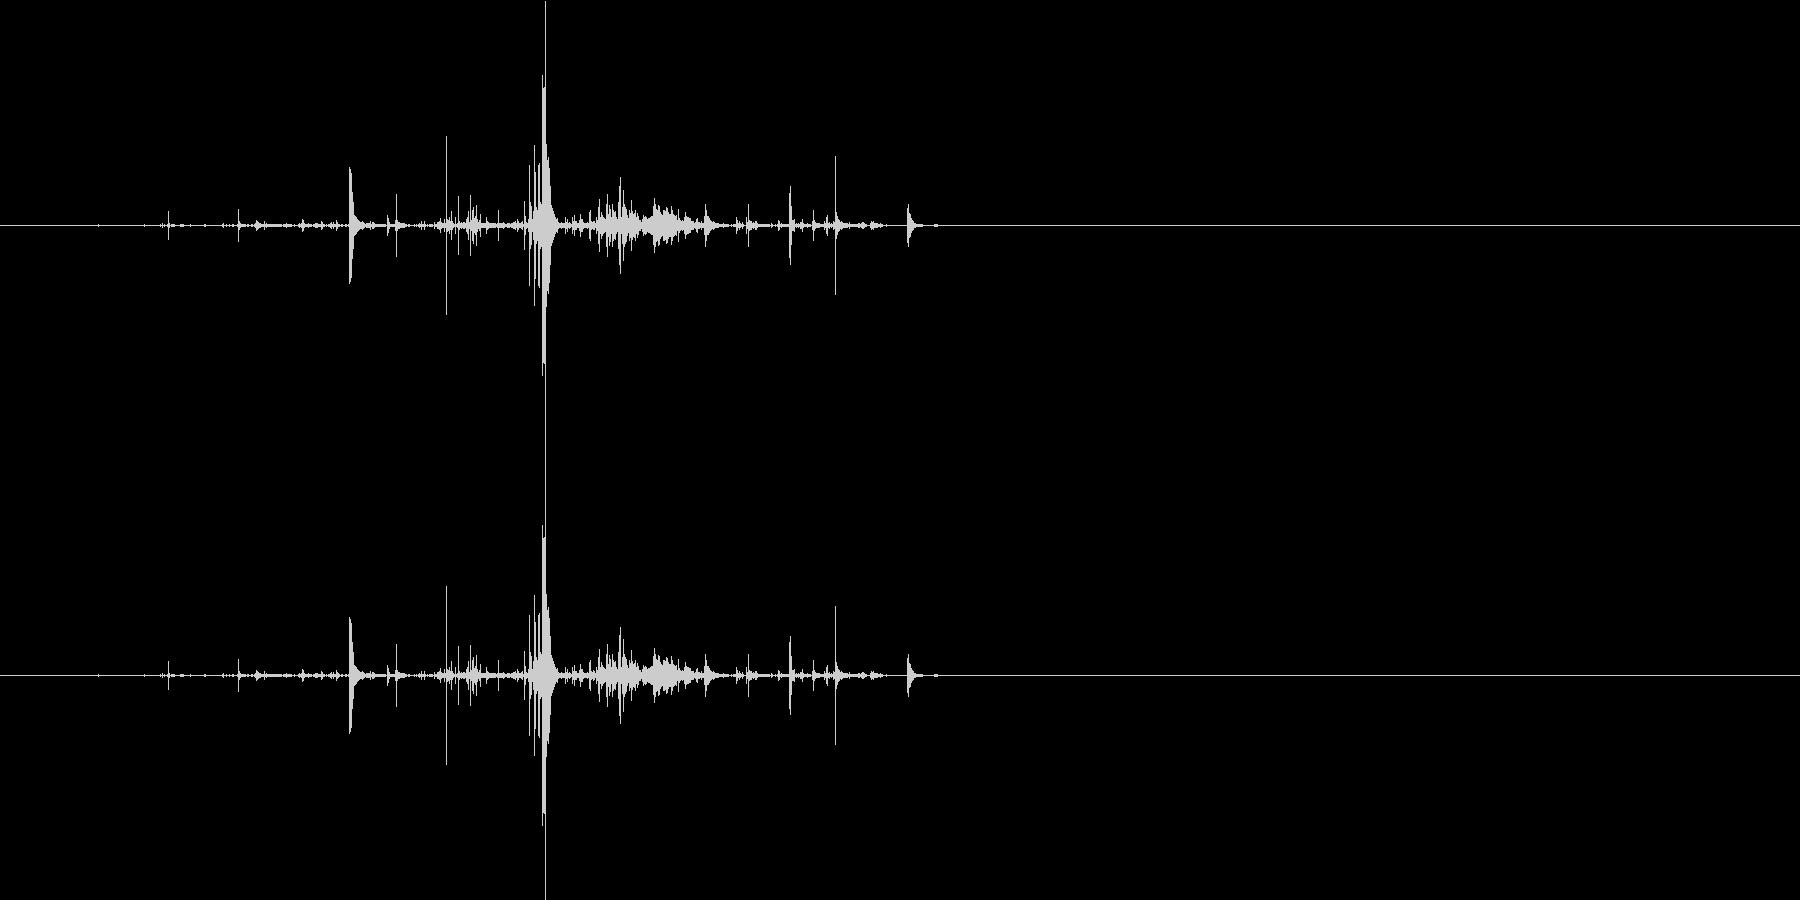 モンスターの口が開くような音3の未再生の波形